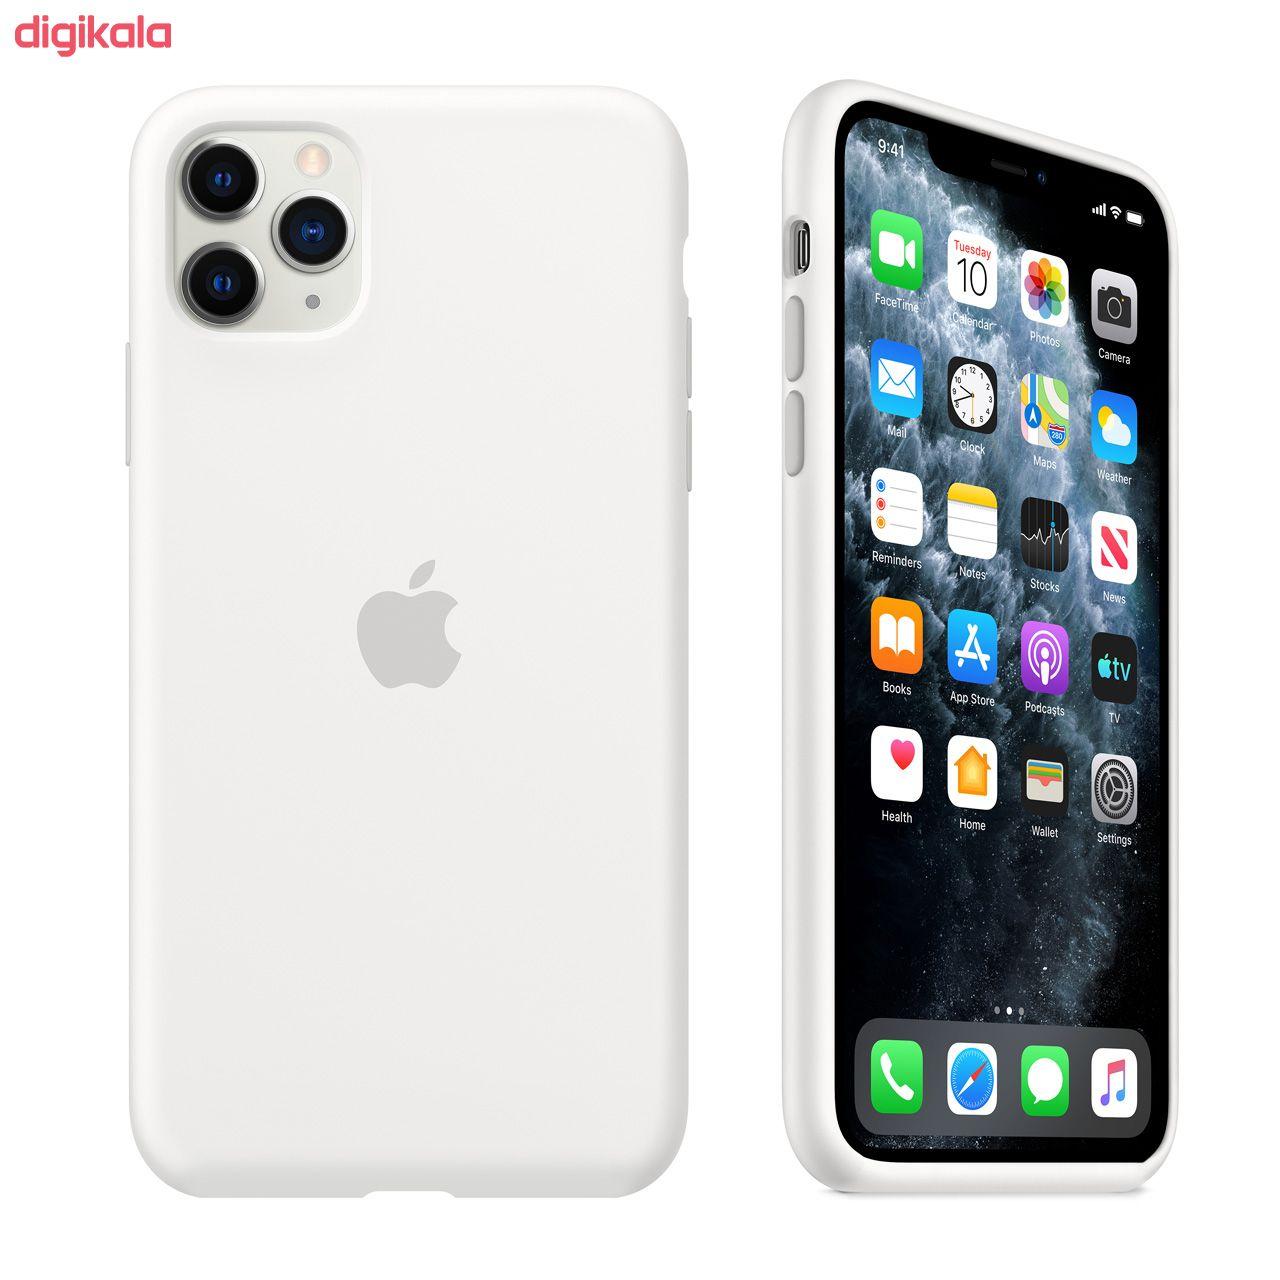 کاور وی کیس مدل Si01 مناسب برای گوشی موبایل اپل iPhone 11 Pro main 1 1